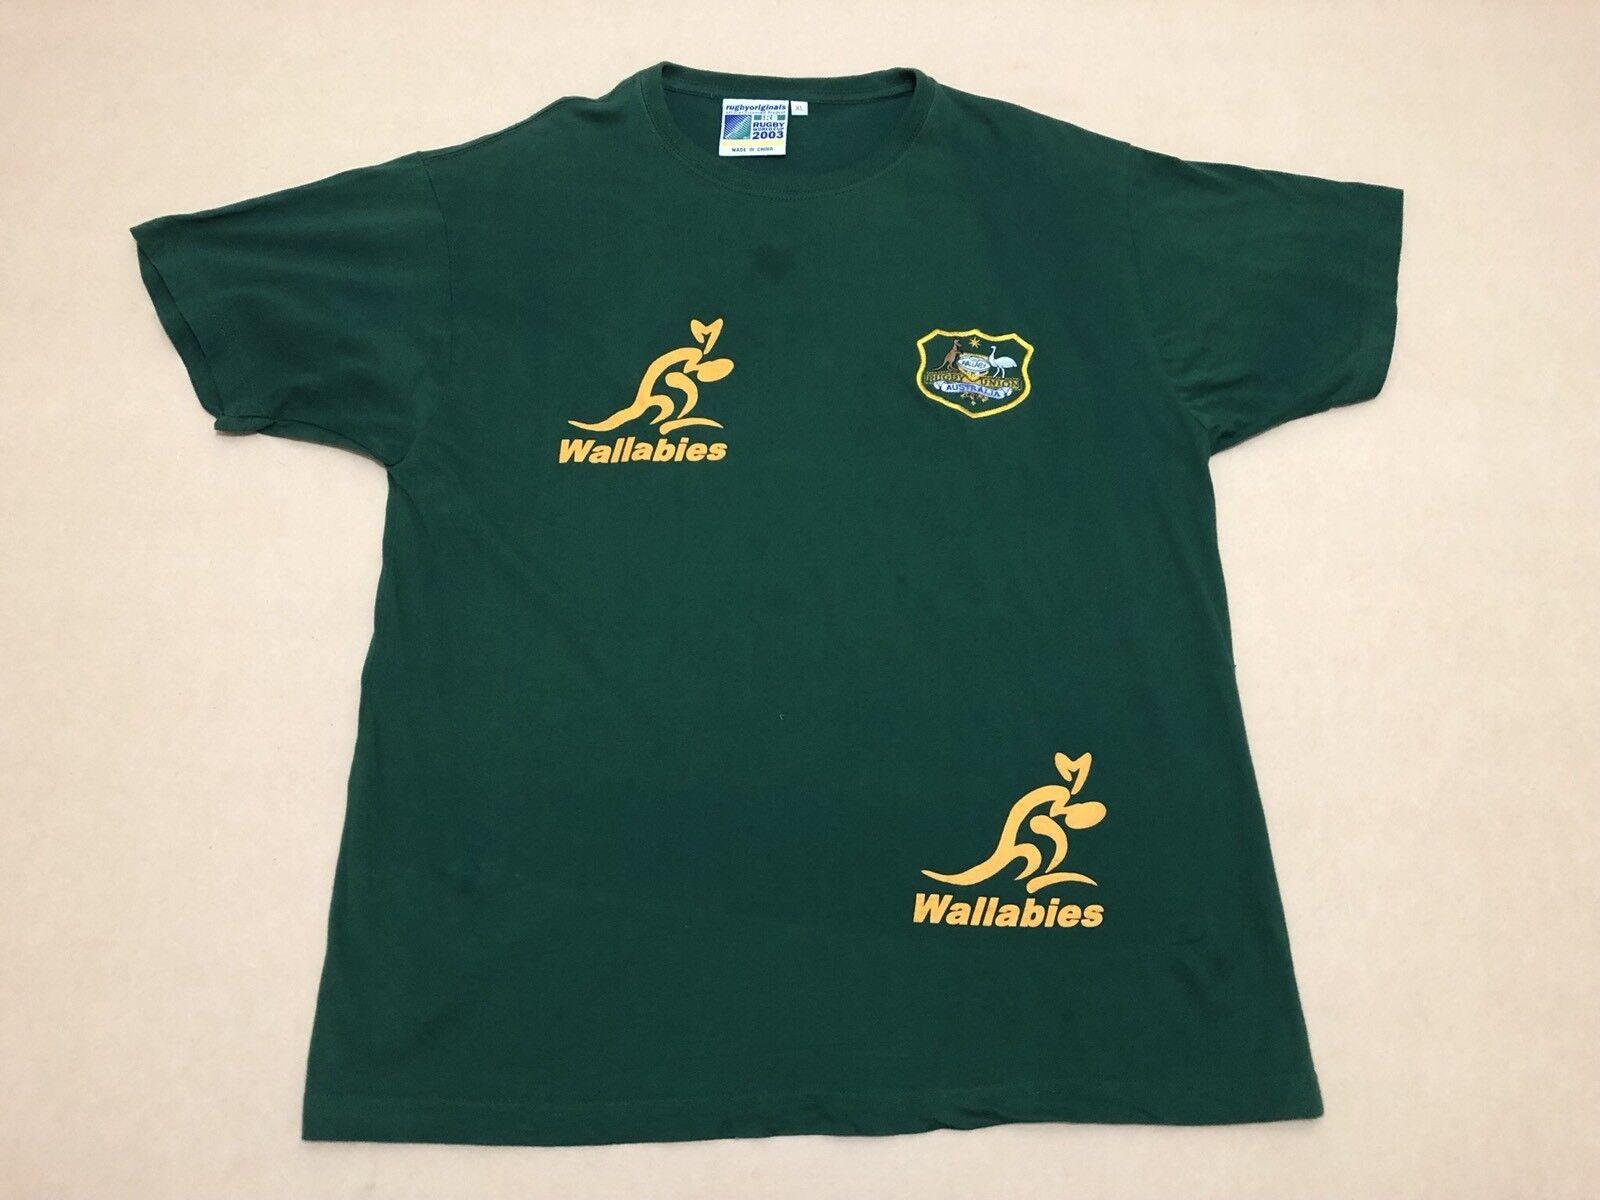 d3b3ac5af51e RUGBYORIGINALS AUSTRALIA WALLABIES SHIRT MENS XL IRB RUGBY WORLD CUP 2003  SZ duvoxe3851-Shirts